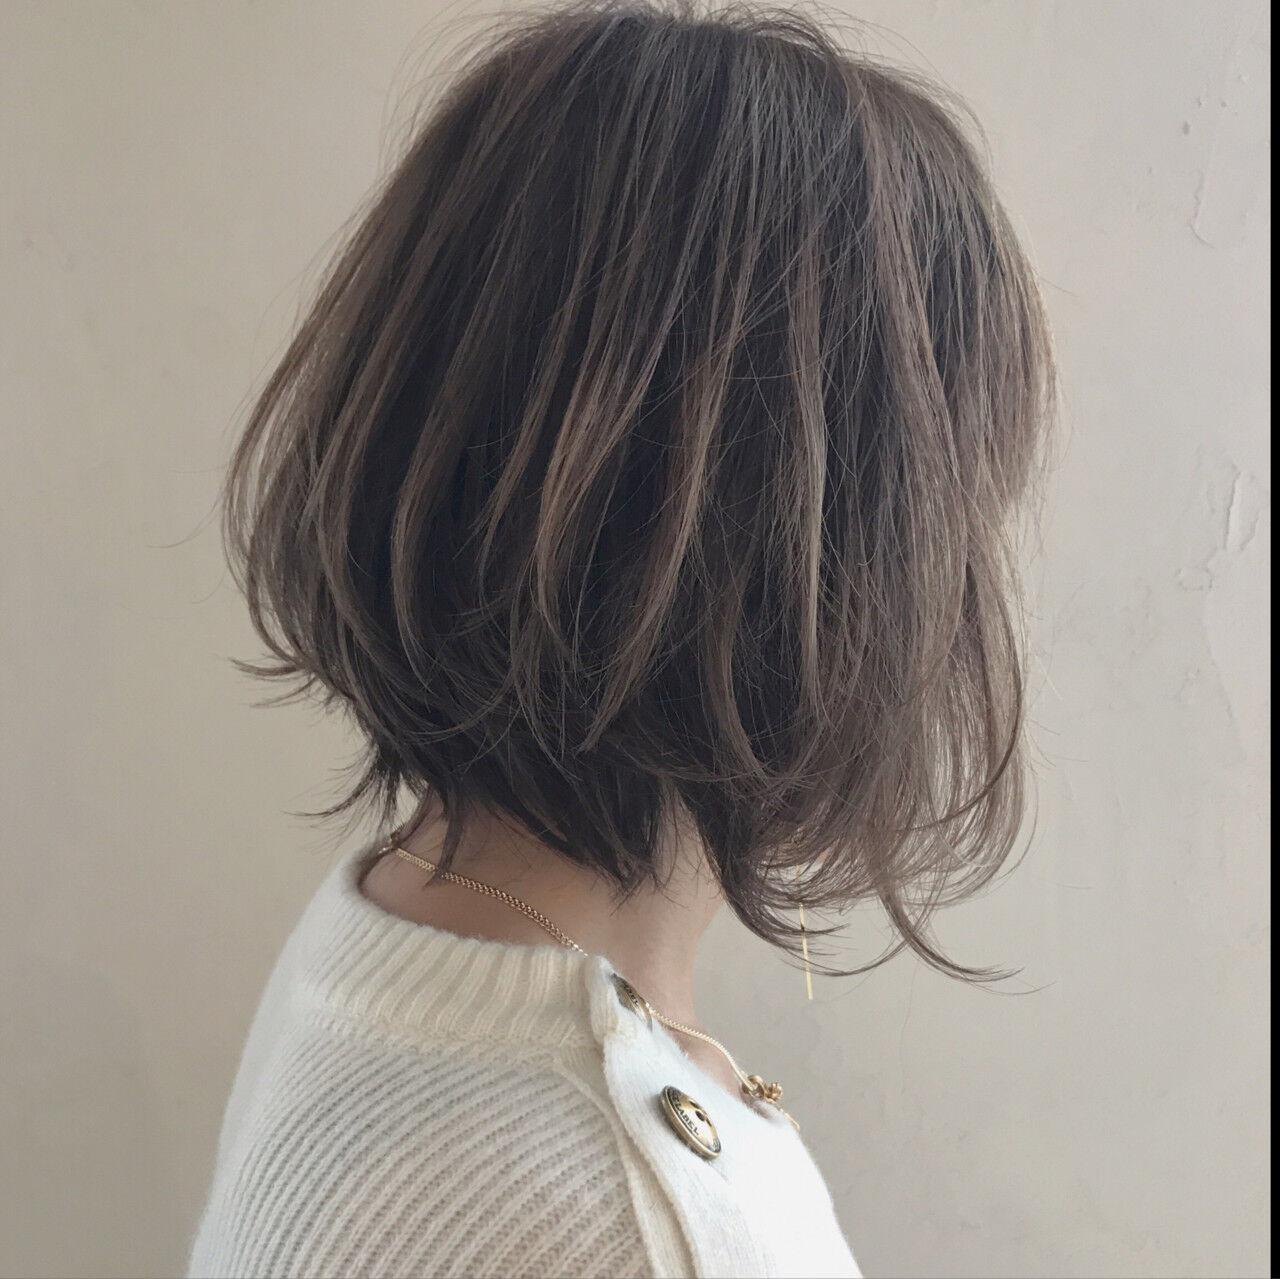 フェミニン アンニュイ ウェーブ ボブヘアスタイルや髪型の写真・画像